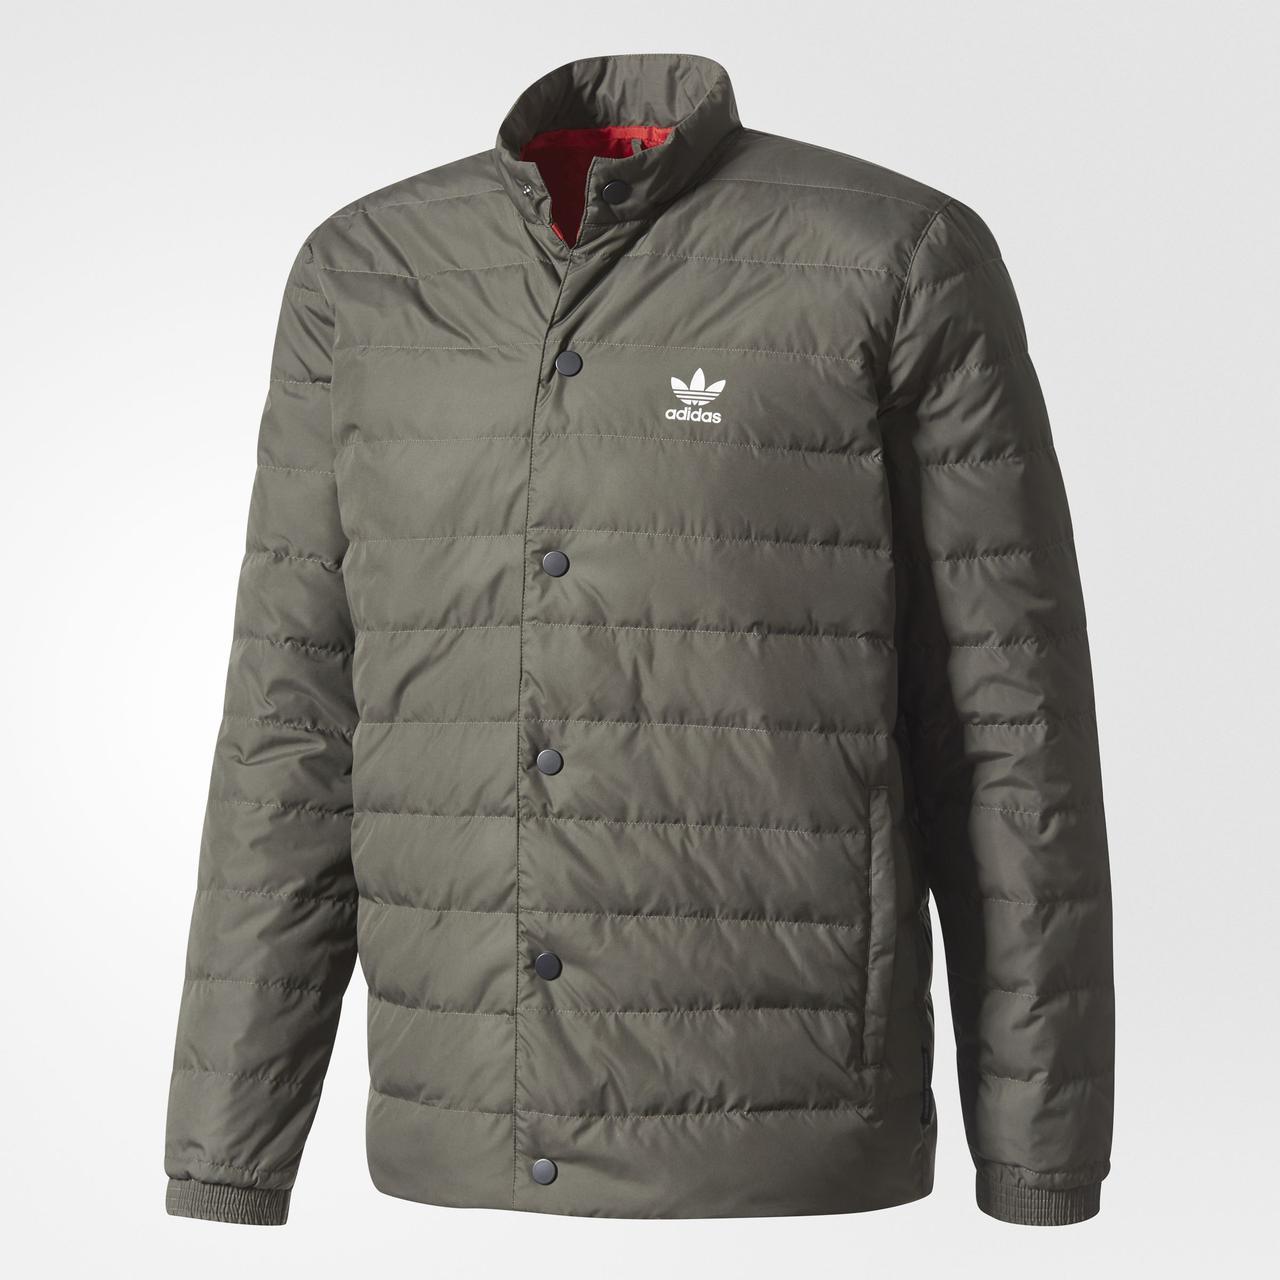 Мужская зимняя куртка adidas PORSCHE TYP 64 BQ5089 - Интернет-магазин  спортивной одежды и обуви 1cee558d6da